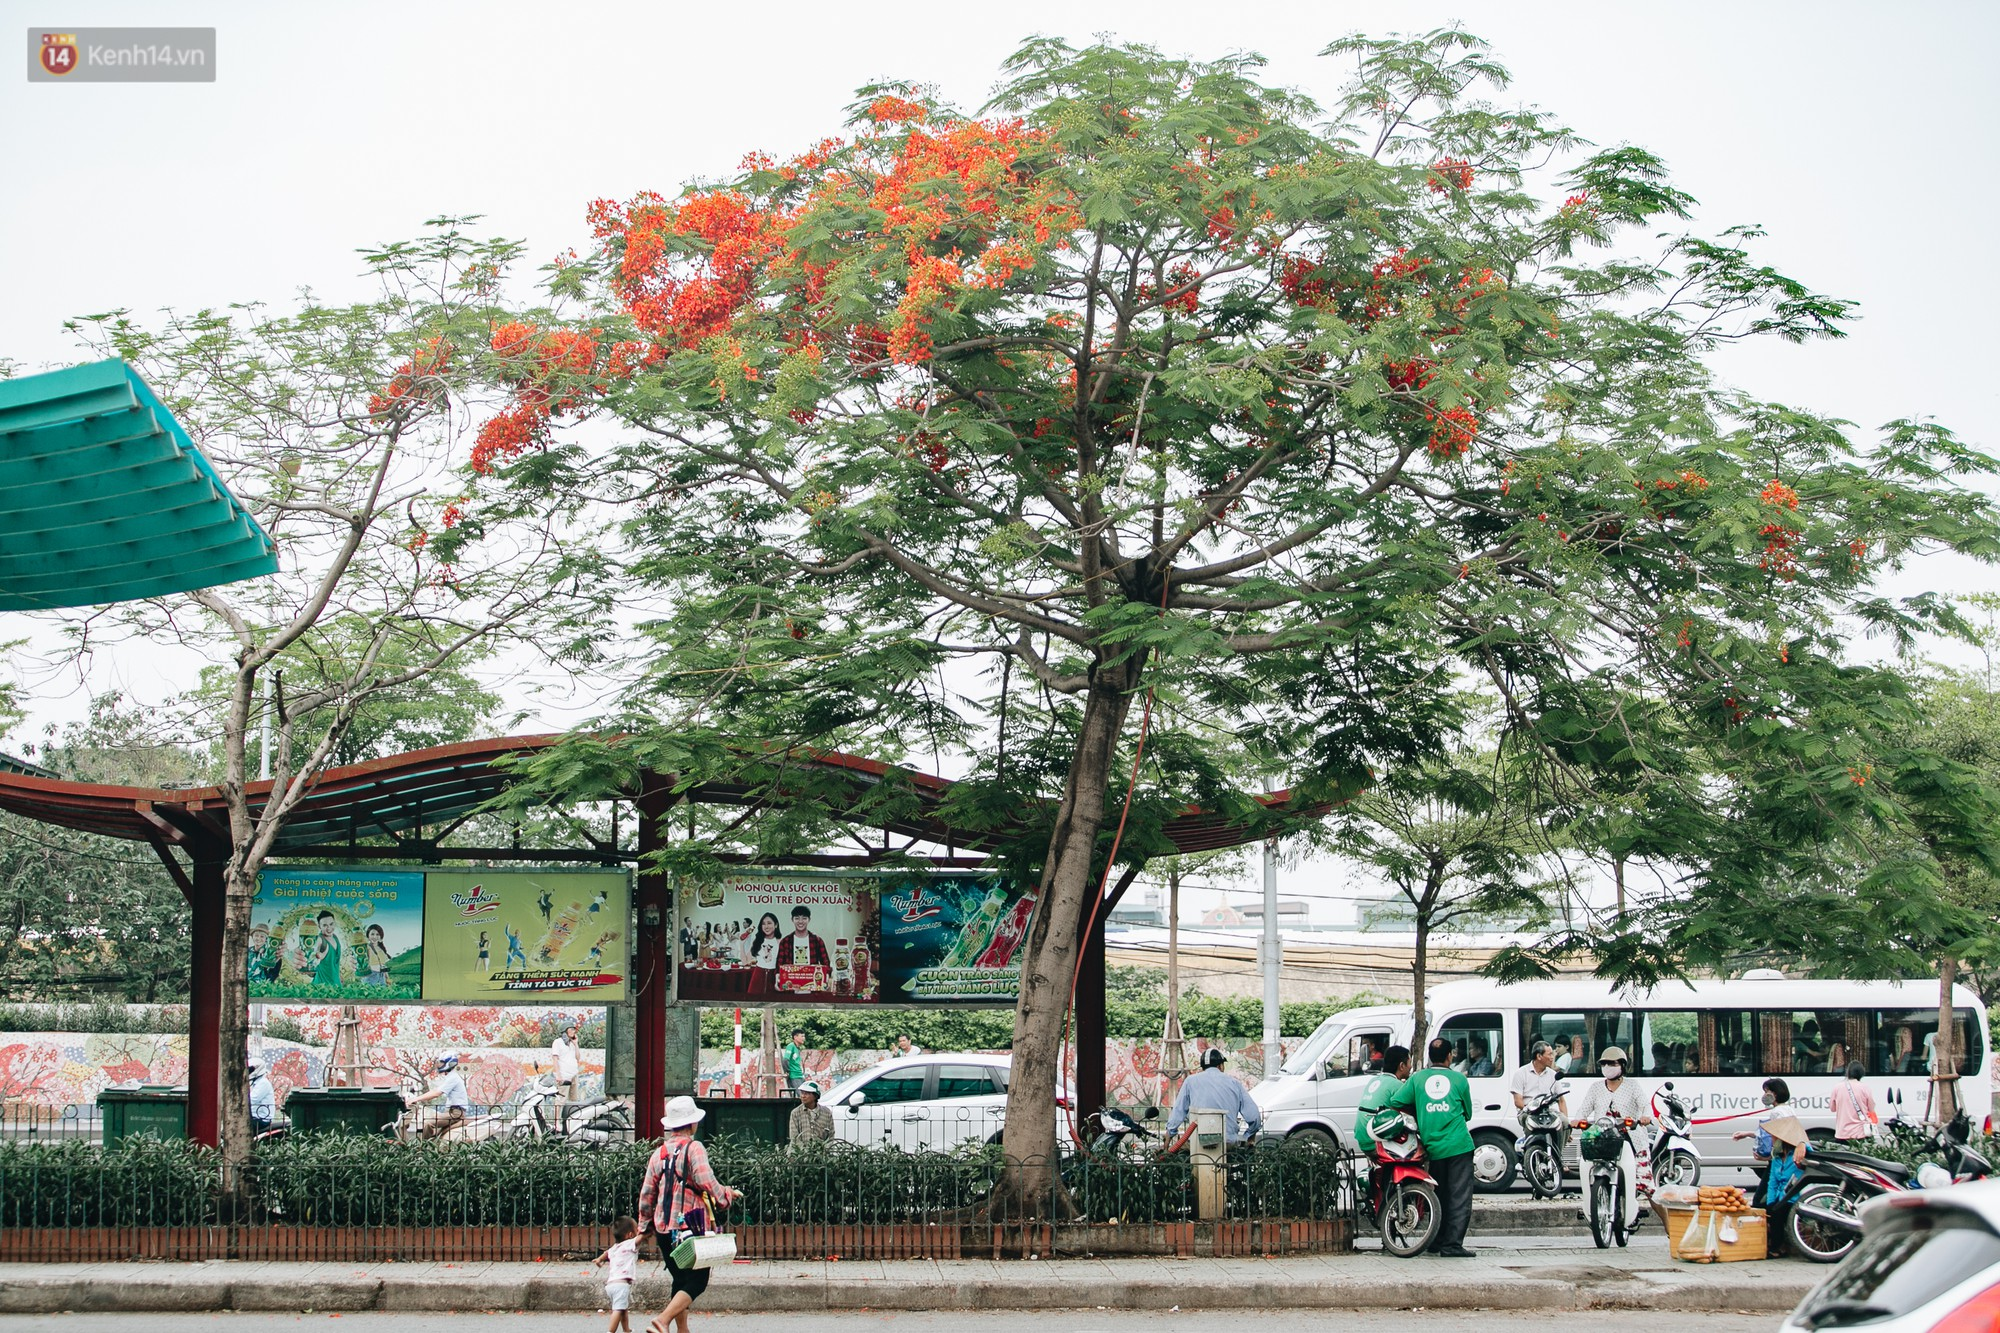 Chùm ảnh: Hà Nội và bản tình ca của những loài hoa mùa hạ thay nhau khoe sắc trên phố - Ảnh 3.